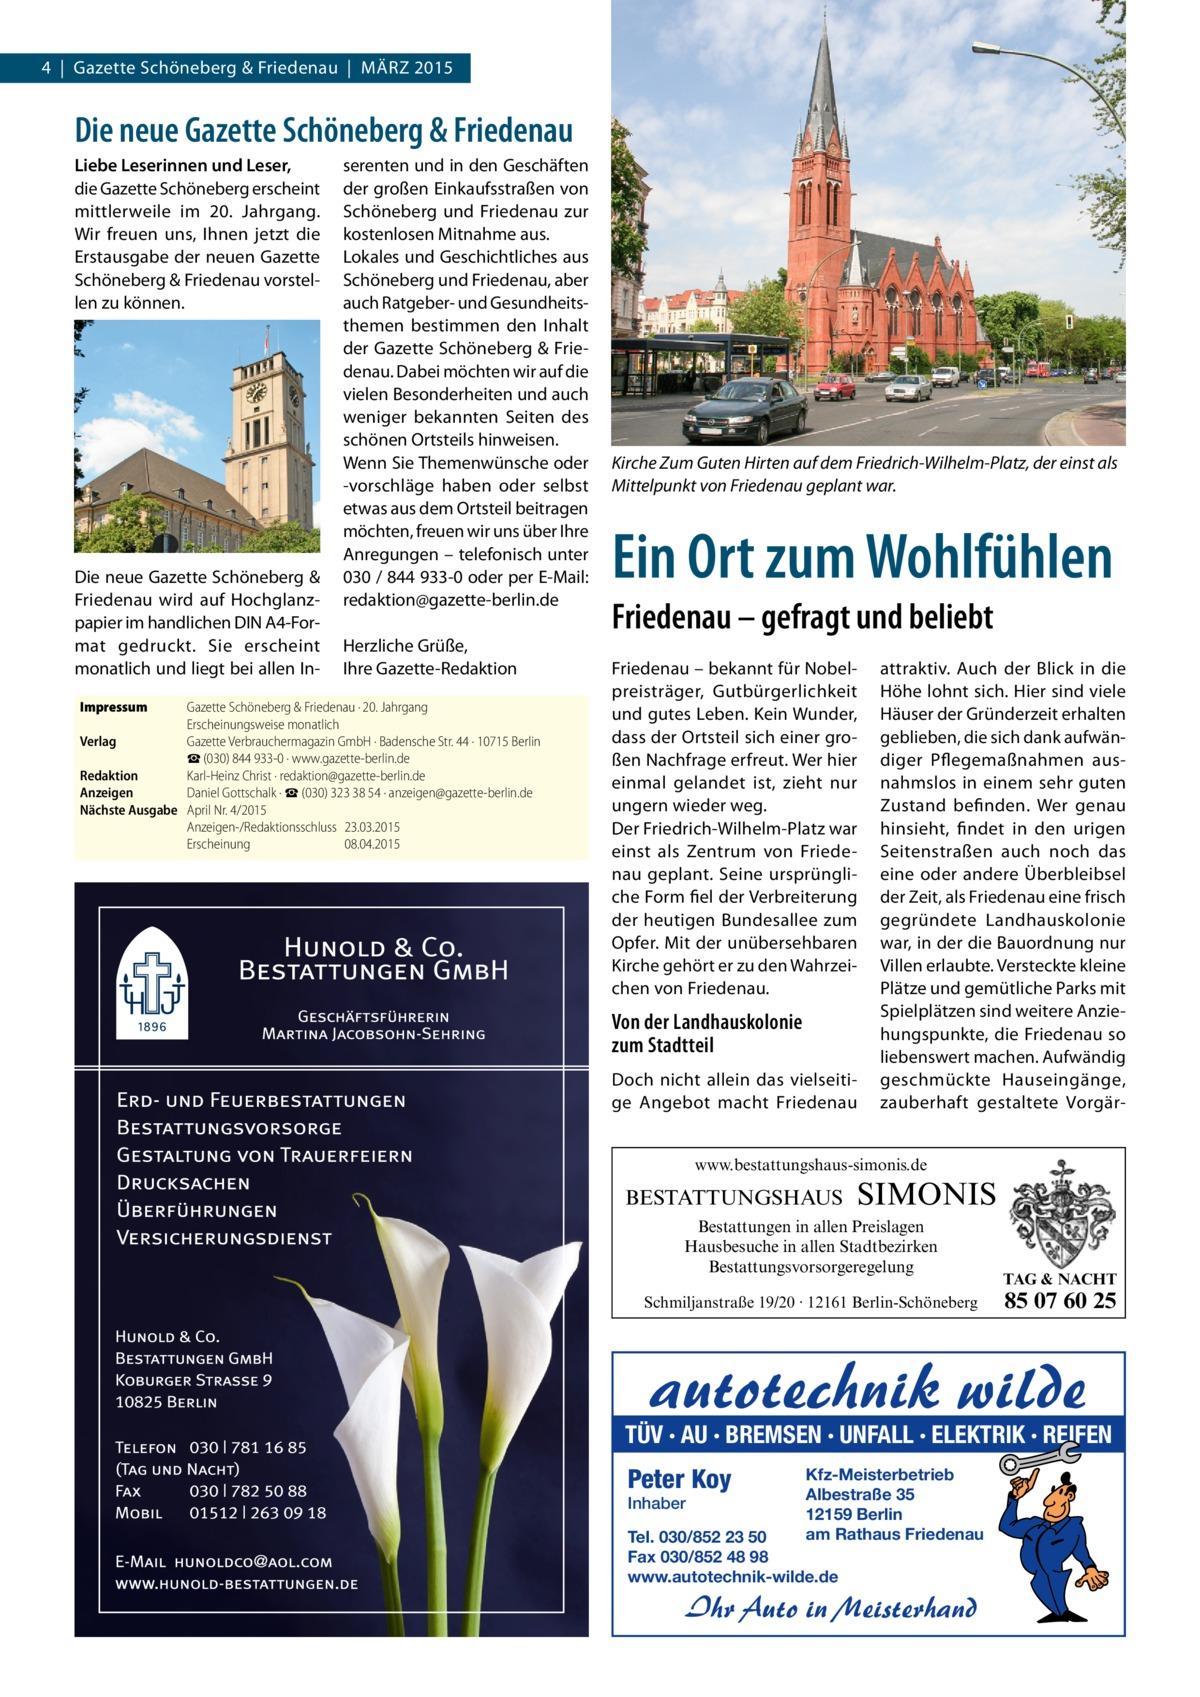 4 | Gazette Schöneberg & Friedenau | MÄRZ 2015  Die neue Gazette Schöneberg & Friedenau Liebe Leserinnen und Leser, die Gazette Schöneberg erscheint mittlerweile im 20. Jahrgang. Wir freuen uns, Ihnen jetzt die Erstausgabe der neuen Gazette Schöneberg & Friedenau vorstellen zu können.  Die neue Gazette Schöneberg & Friedenau wird auf Hochglanzpapier im handlichen DIN A4-Format gedruckt. Sie erscheint monatlich und liegt bei allen InImpressum  serenten und in den Geschäften der großen Einkaufsstraßen von Schöneberg und Friedenau zur kostenlosen Mitnahme aus. Lokales und Geschichtliches aus Schöneberg und Friedenau, aber auch Ratgeber- und Gesundheitsthemen bestimmen den Inhalt der Gazette Schöneberg & Friedenau. Dabei möchten wir auf die vielen Besonderheiten und auch weniger bekannten Seiten des schönen Ortsteils hinweisen. Wenn Sie Themenwünsche oder -vorschläge haben oder selbst etwas aus dem Ortsteil beitragen möchten, freuen wir uns über Ihre Anregungen – telefonisch unter 030 / 844 933-0 oder per E-Mail: redaktion@gazette-berlin.de Herzliche Grüße, Ihre Gazette-Redaktion  Gazette Schöneberg & Friedenau · 20. Jahrgang Erscheinungsweise monatlich Verlag Gazette Verbrauchermagazin GmbH · Badensche Str. 44 · 10715 Berlin ☎ (030) 844 933-0 · www.gazette-berlin.de Redaktion Karl-Heinz Christ · redaktion@gazette-berlin.de Anzeigen Daniel Gottschalk · ☎(030) 323 38 54 · anzeigen@gazette-berlin.de Nächste Ausgabe April Nr. 4/2015 Anzeigen-/Redaktionsschluss23.03.2015 Erscheinung08.04.2015  Kirche Zum Guten Hirten auf dem Friedrich-Wilhelm-Platz, der einst als Mittelpunkt von Friedenau geplant war.  Ein Ort zum Wohlfühlen Friedenau – gefragt und beliebt Friedenau – bekannt für Nobelpreisträger, Gutbürgerlichkeit und gutes Leben. Kein Wunder, dass der Ortsteil sich einer großen Nachfrage erfreut. Wer hier einmal gelandet ist, zieht nur ungern wieder weg. Der Friedrich-Wilhelm-Platz war einst als Zentrum von Friedenau geplant. Seine ursprüngliche Form fiel der Verbreiterun